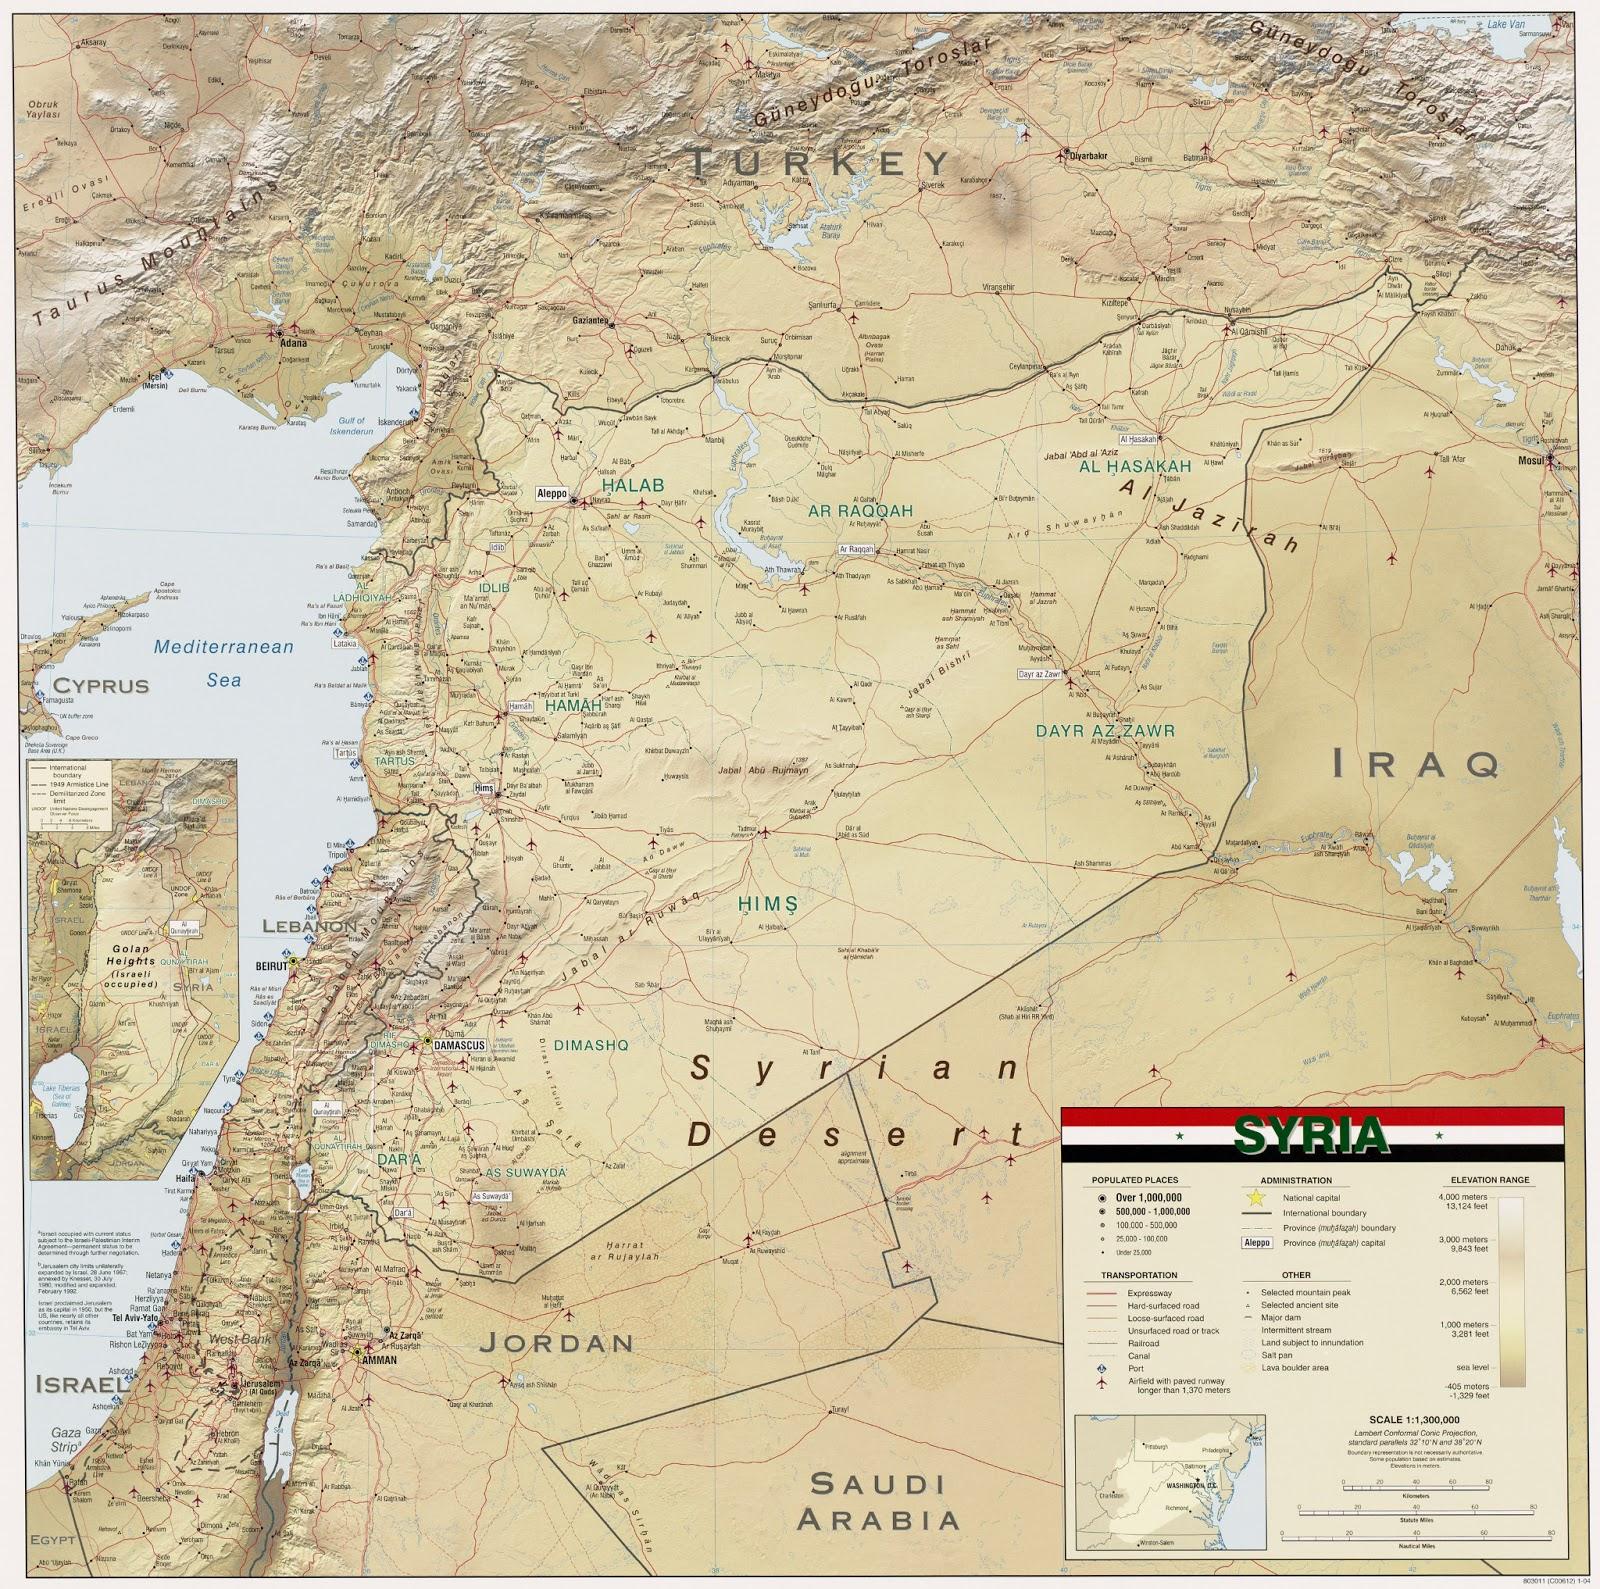 Mapas Geográficos da Síria